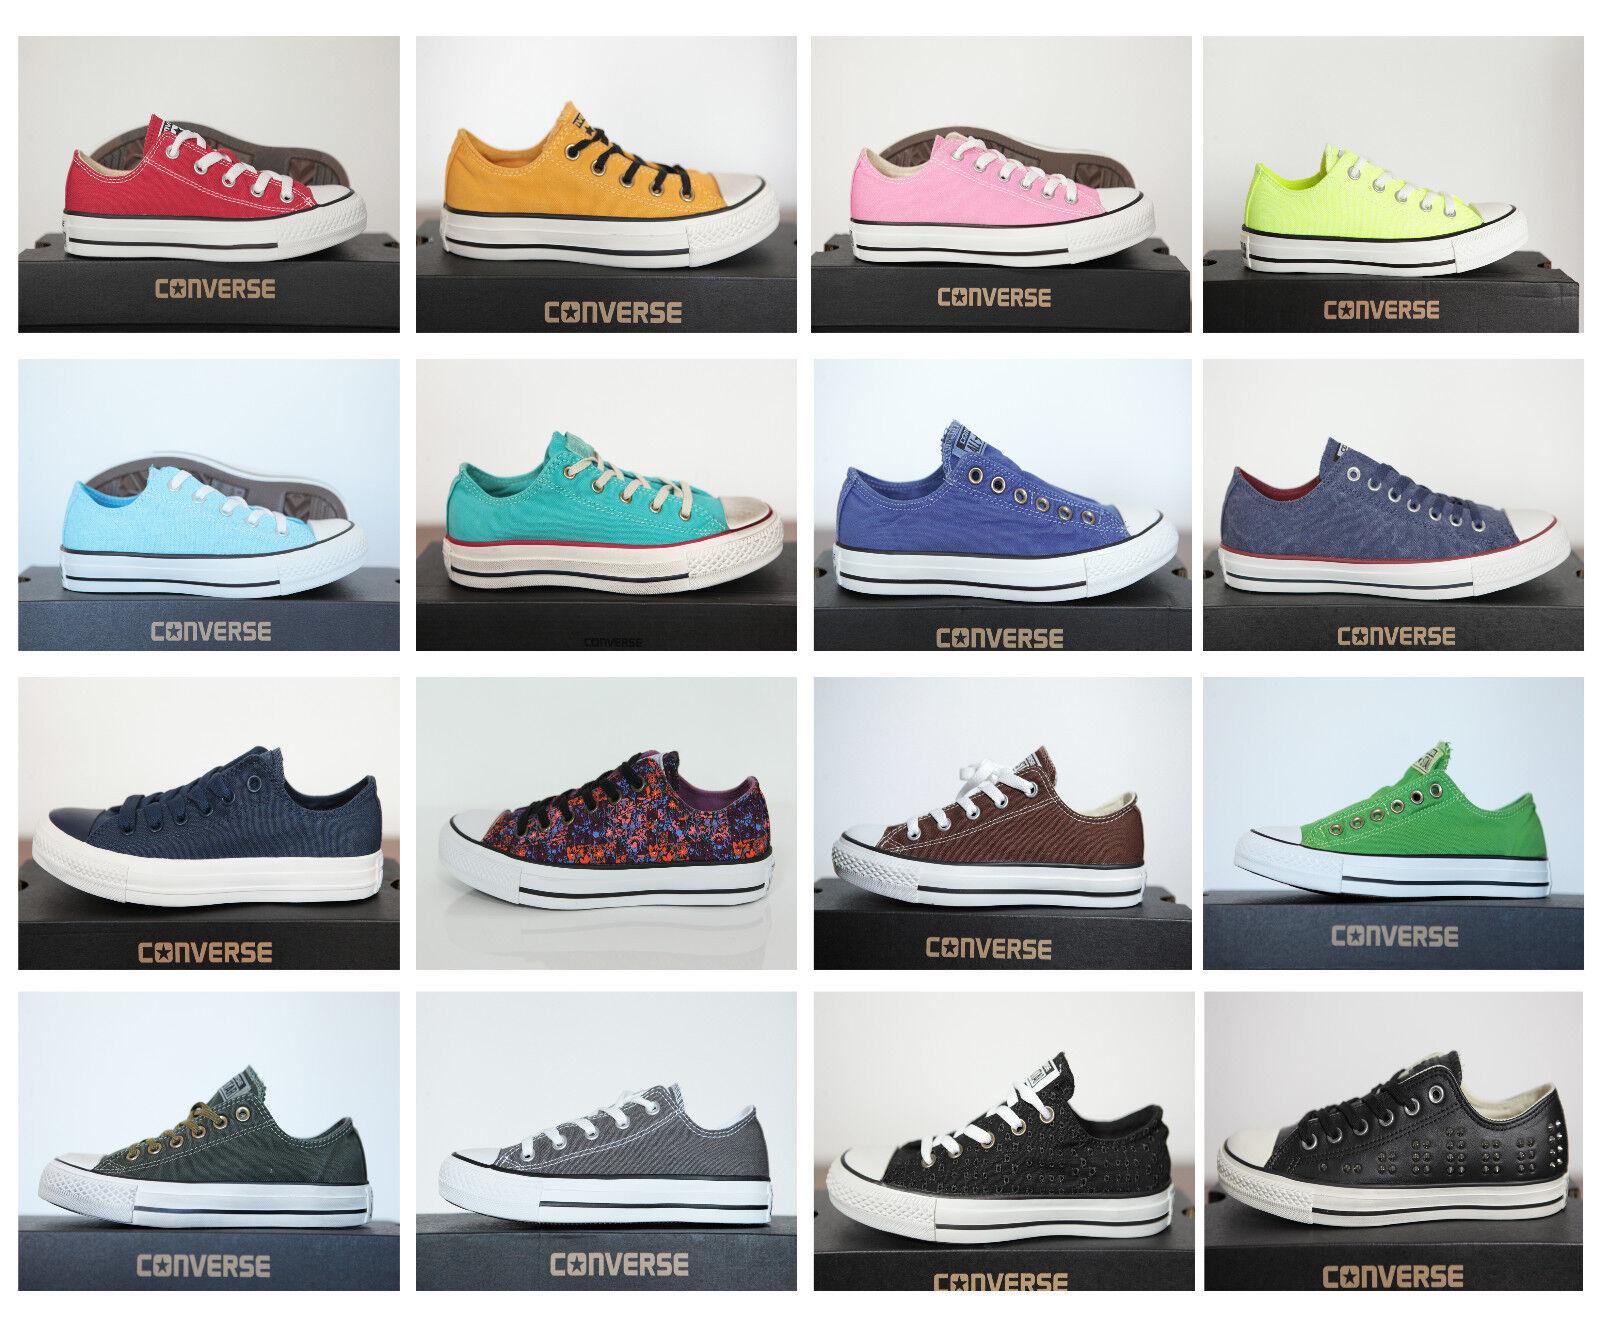 Zapatos promocionales para hombres y mujeres NUEVO ALL STAR CONVERSE CHUCKS Low OX lino + Cuero Zapatillas Deportivas de